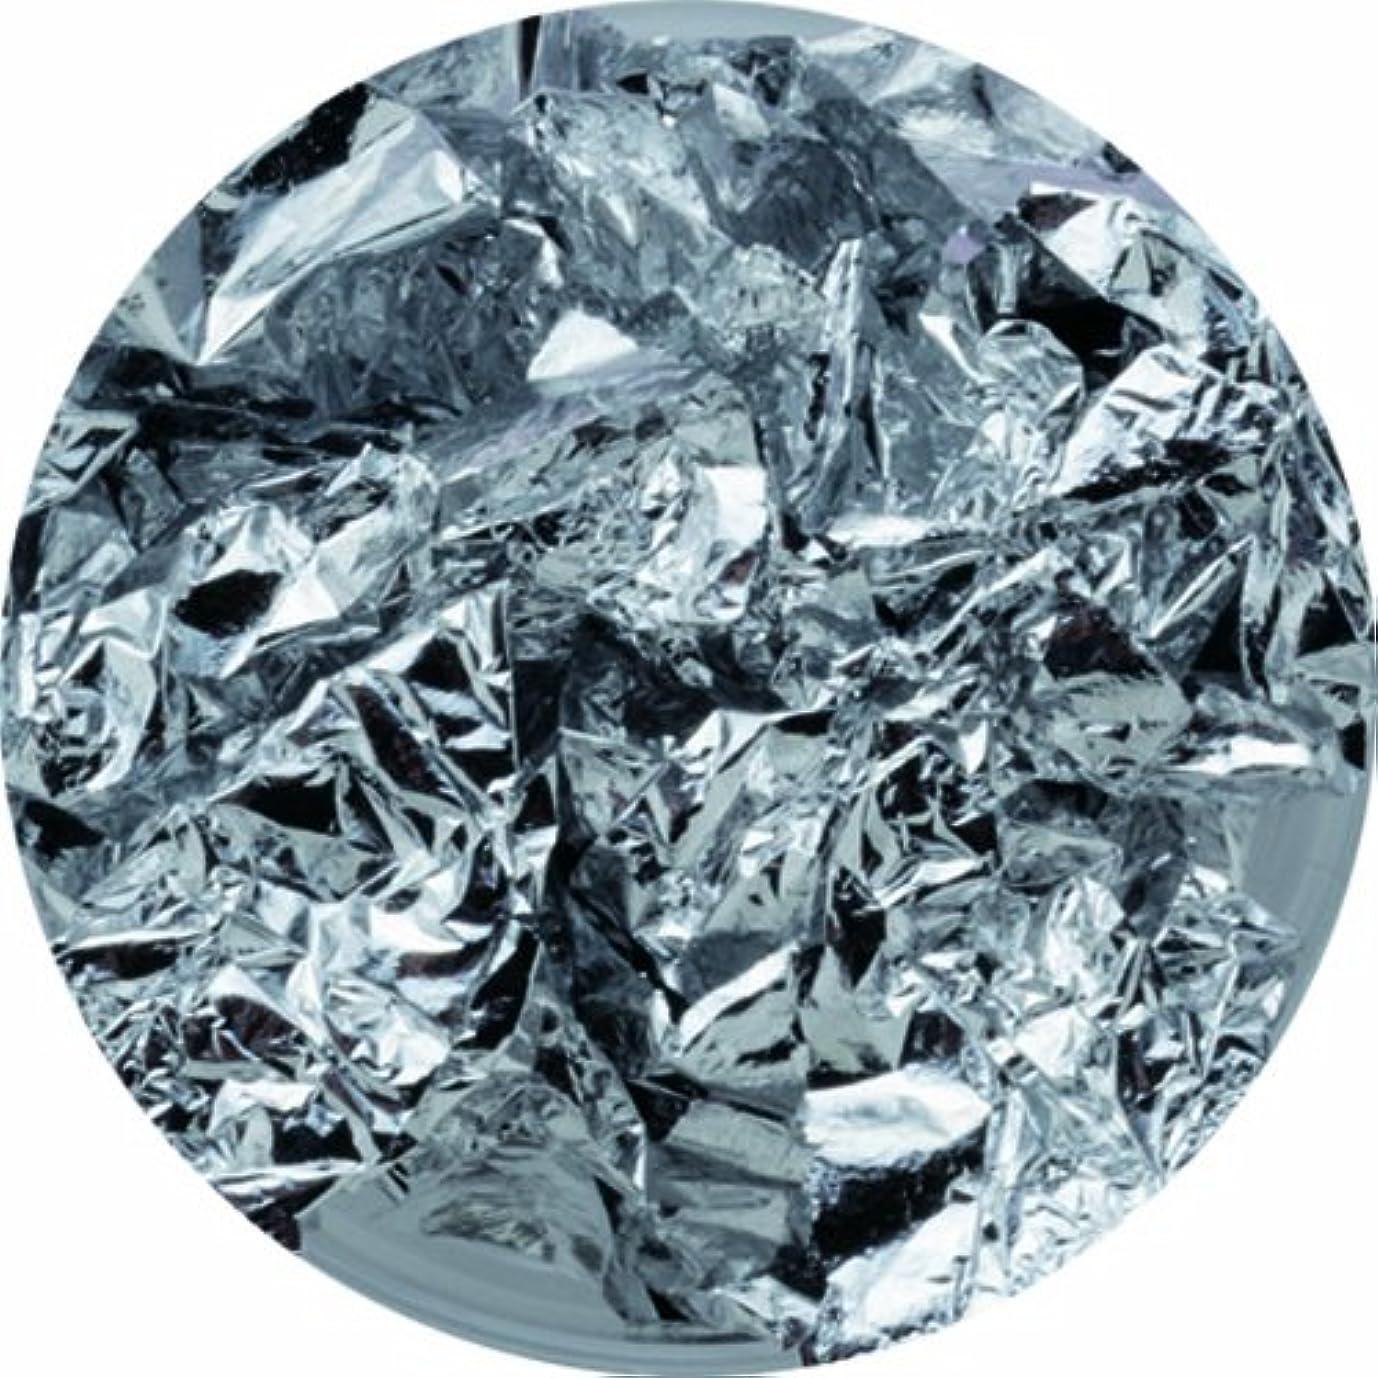 オーバーコート減らす目的ビューティーネイラー ネイル用パウダー 黒崎えり子 ジュエリーコレクション シルバーホイル